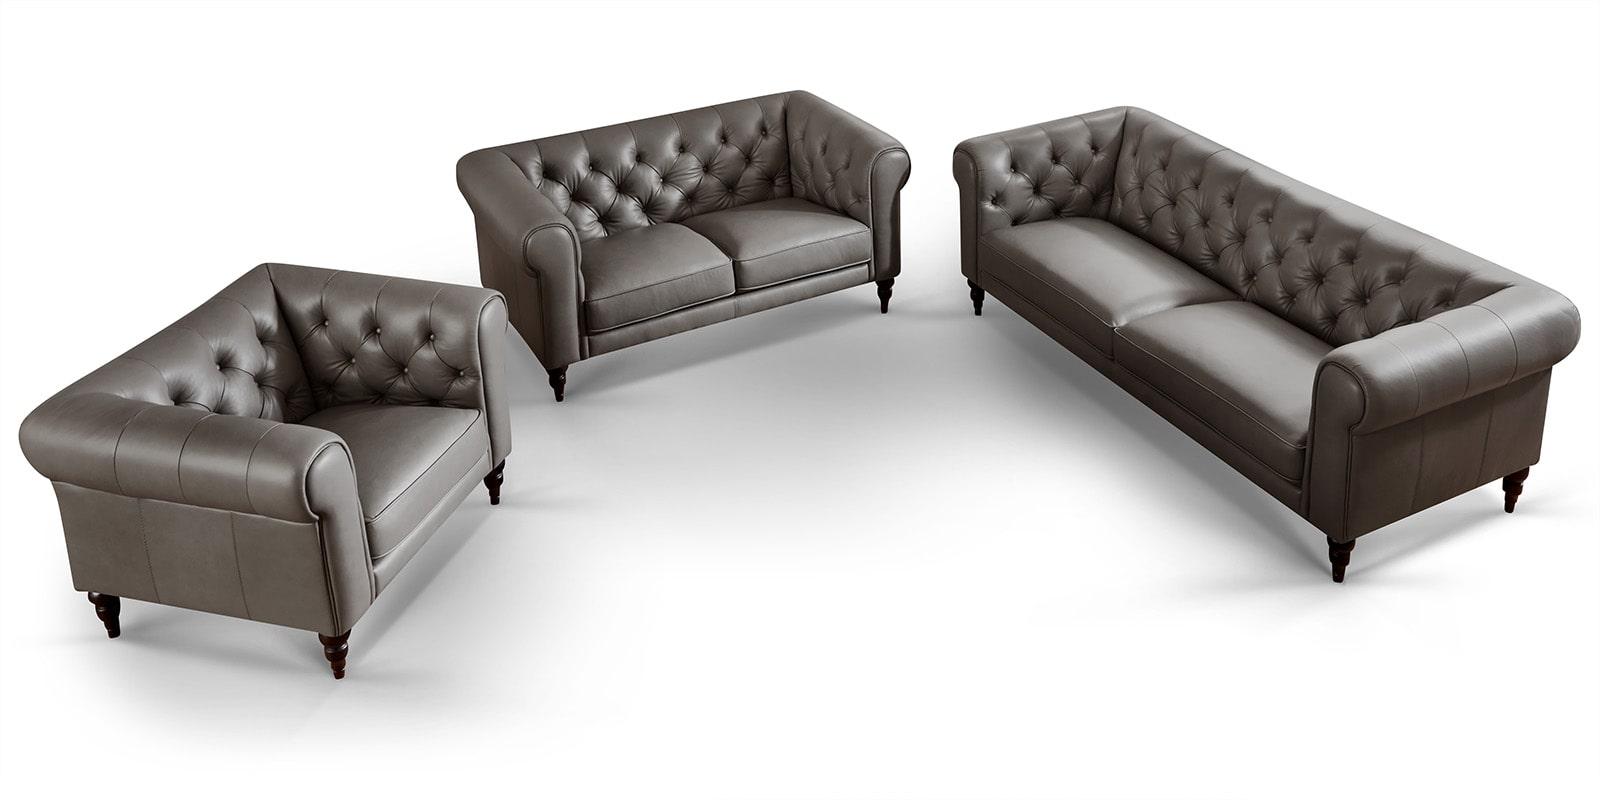 Moebella24 - 3-2-1-Sitzer - Sofa - Hudson - Chesterfield - Leder - Grau - Dekorative - Nähte - und - Versteppungen - Detailaufnahme